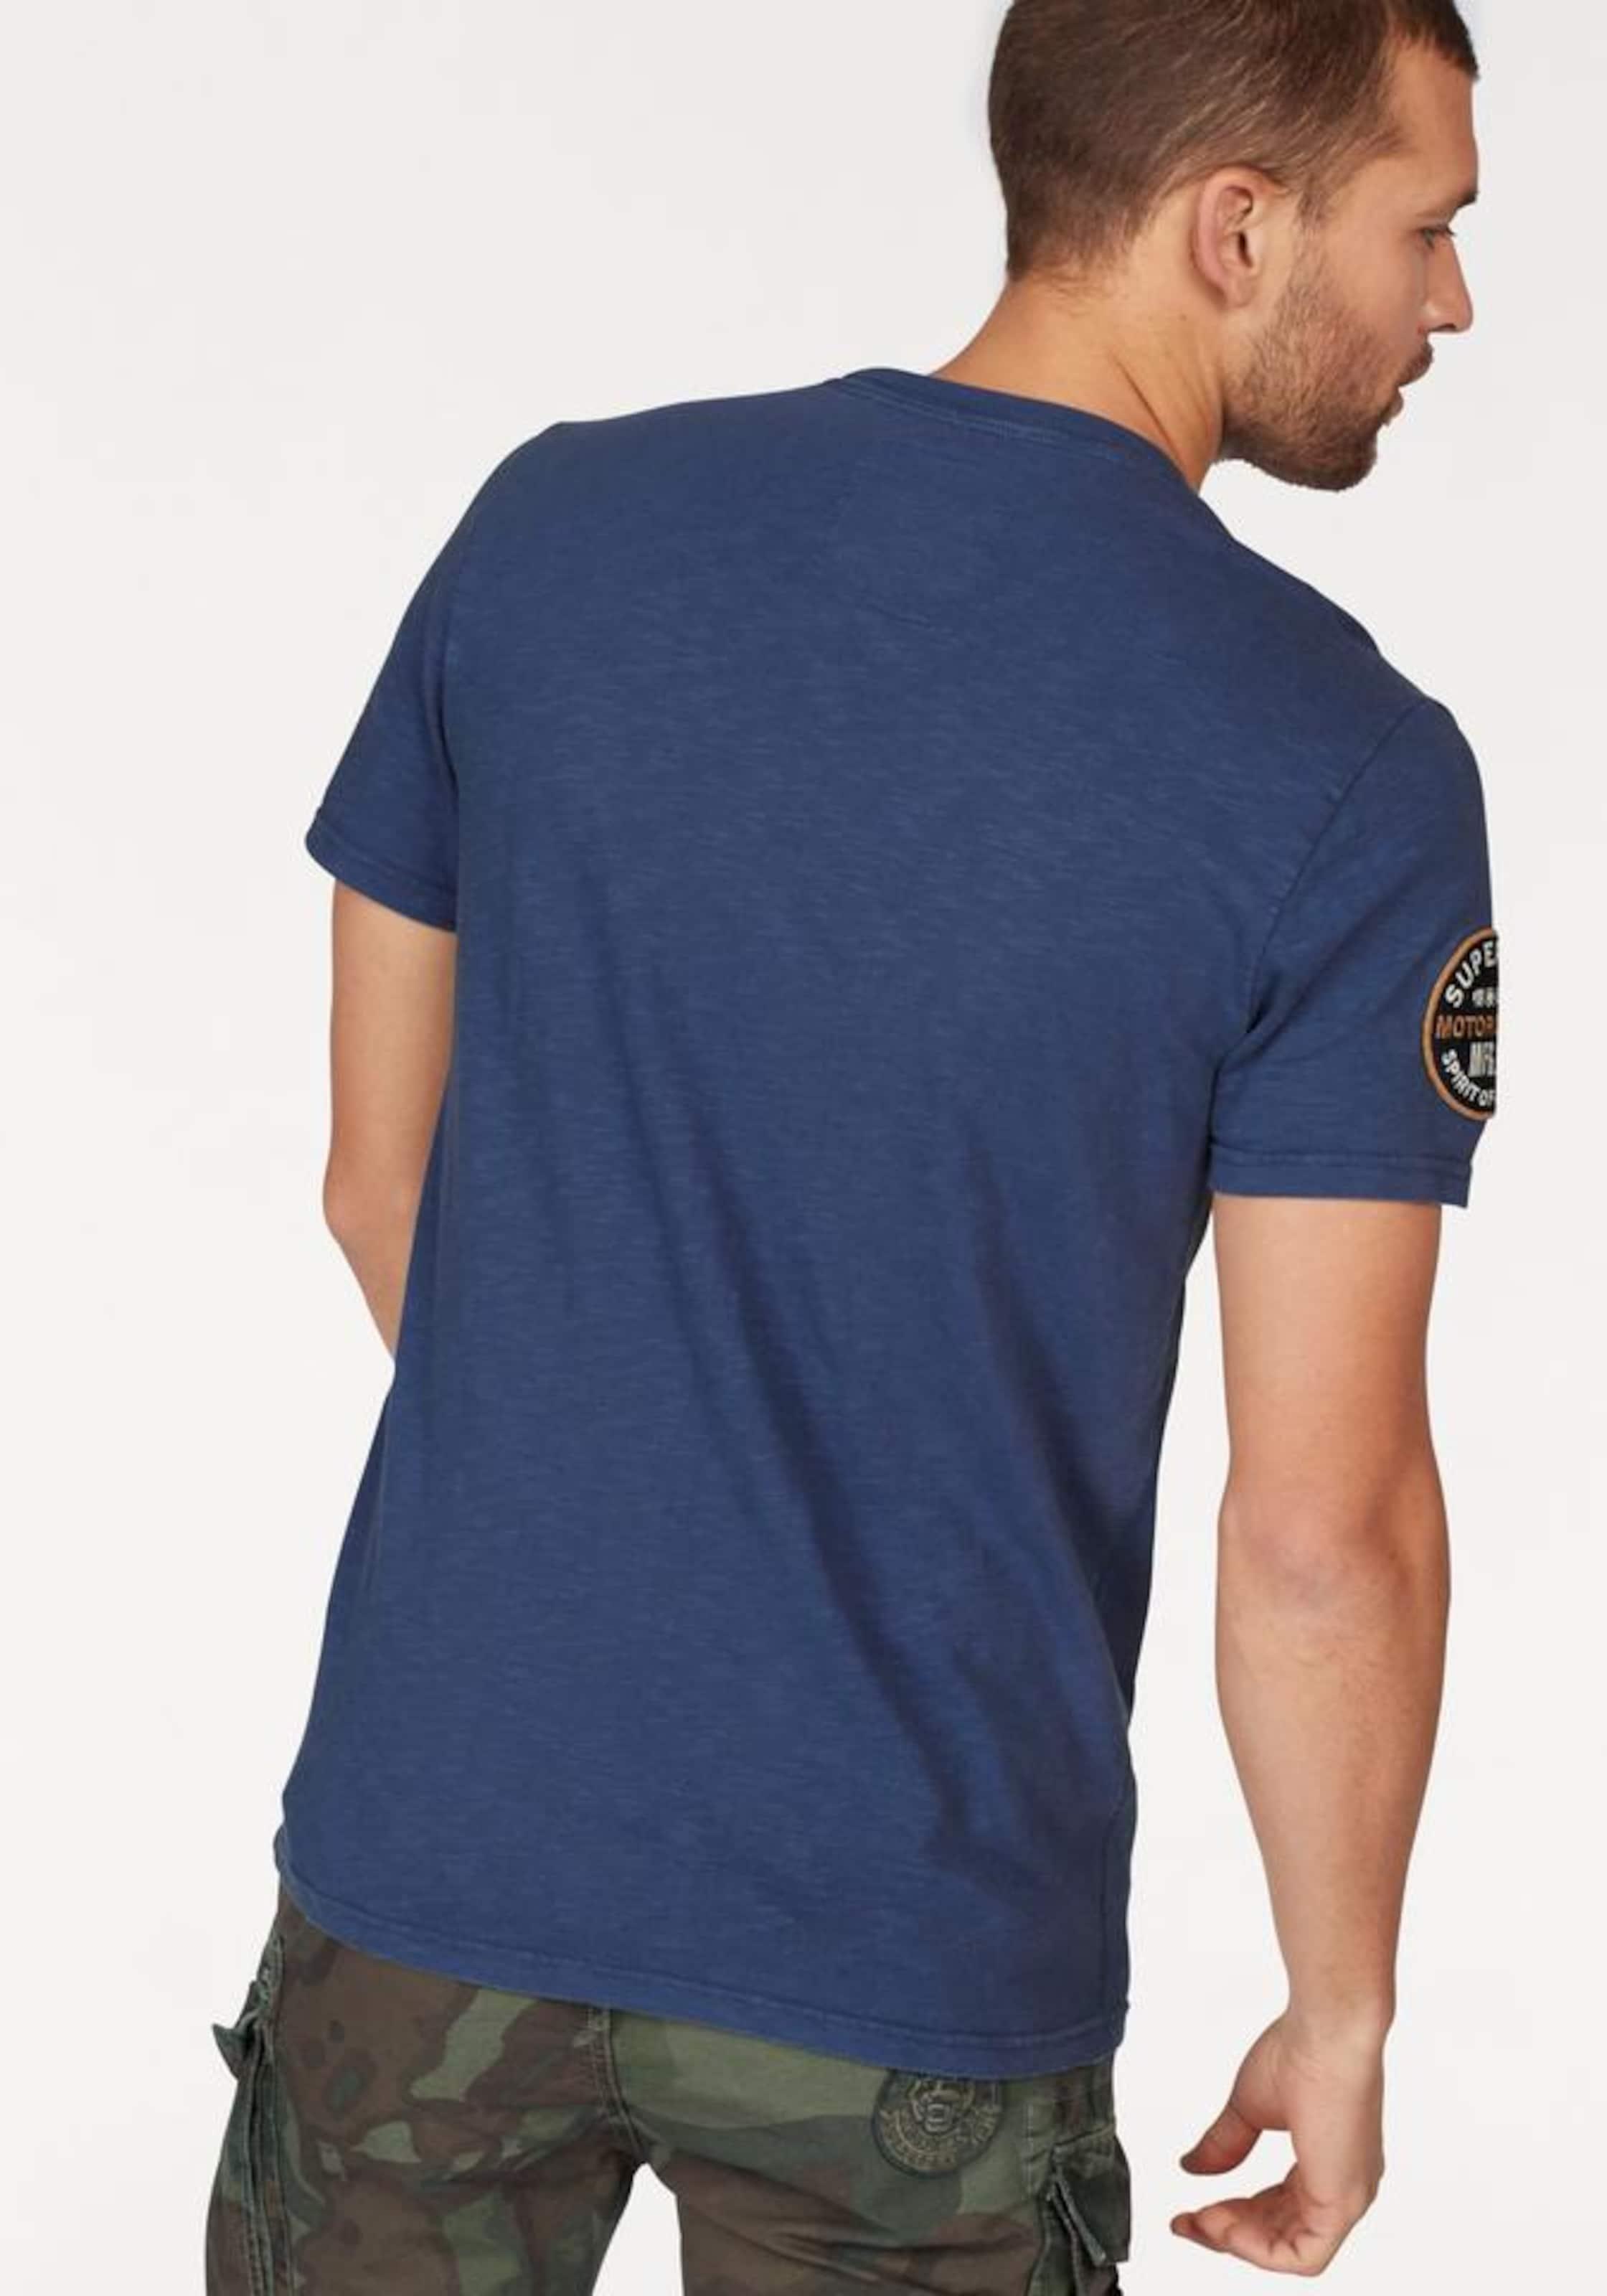 Billig Verkauf Ausgezeichnet Neuer Stil Superdry Printshirt Kaufen Billig Authentisch Ebay Zum Verkauf Kaufen Neueste rg6gg